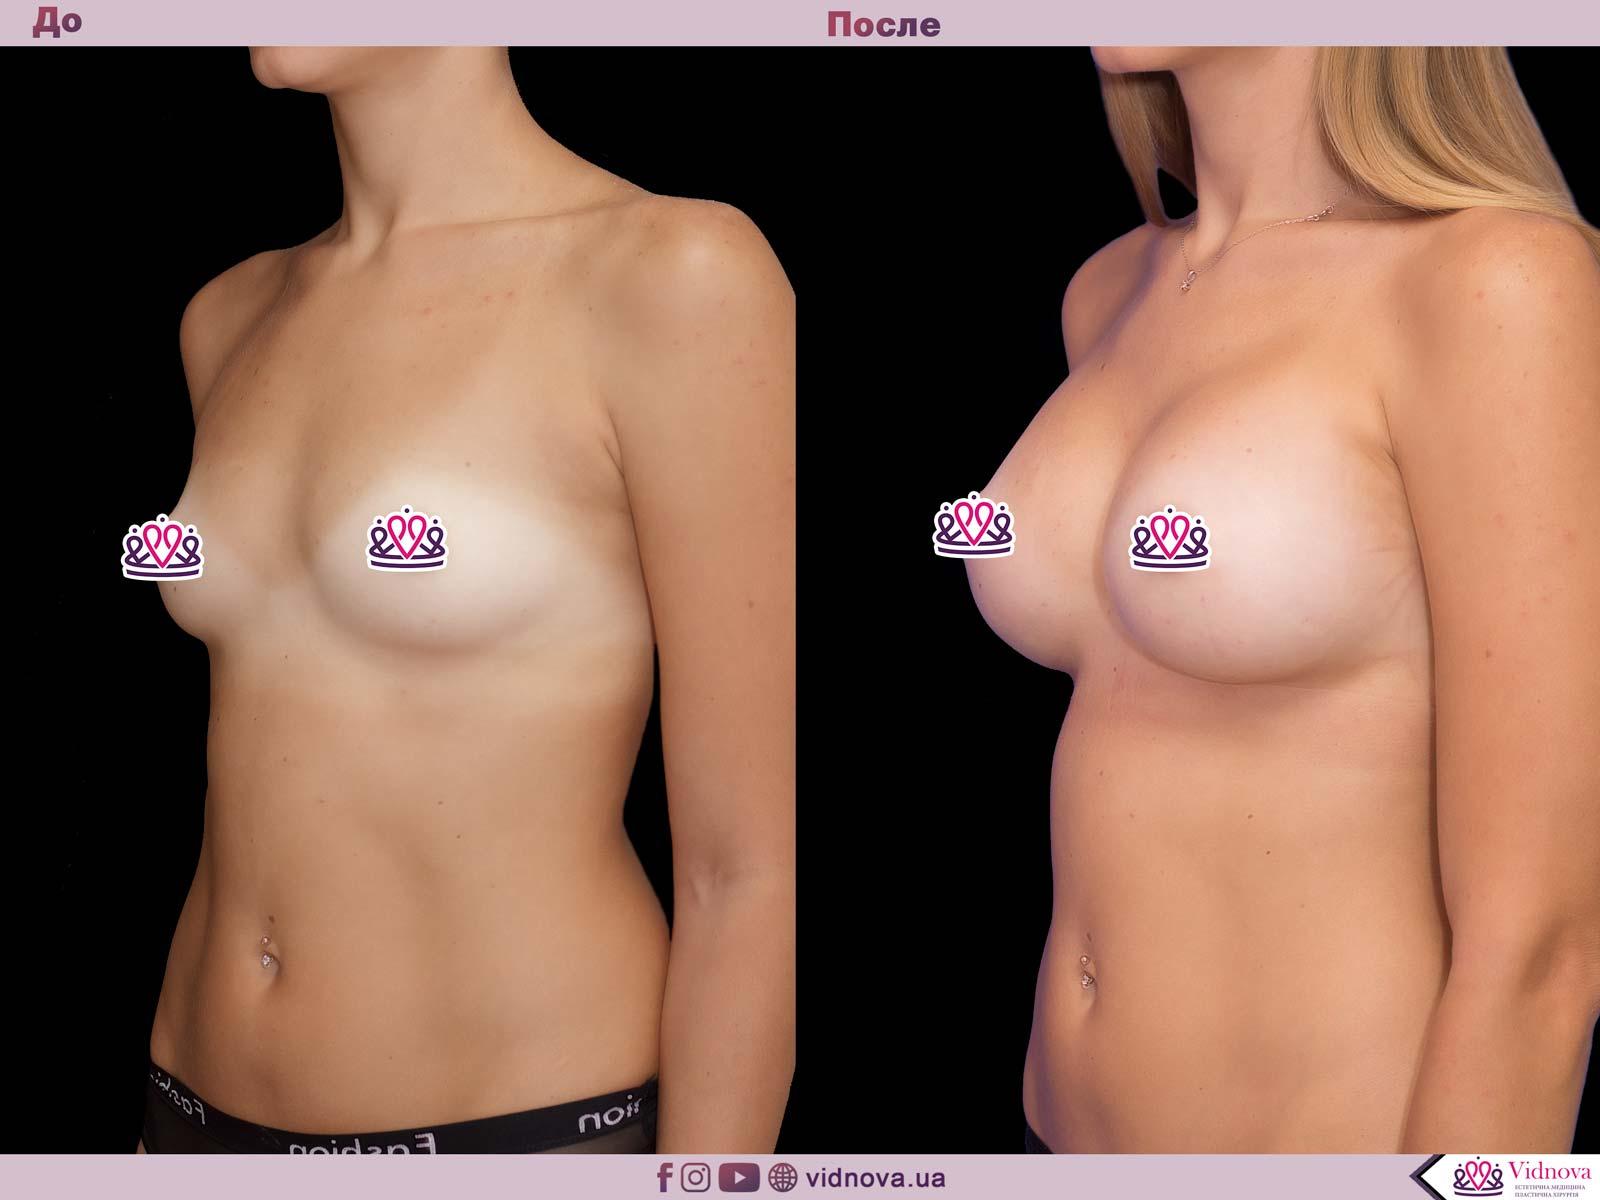 Пластика груди: результаты до и после - Пример №53-1 - Светлана Работенко